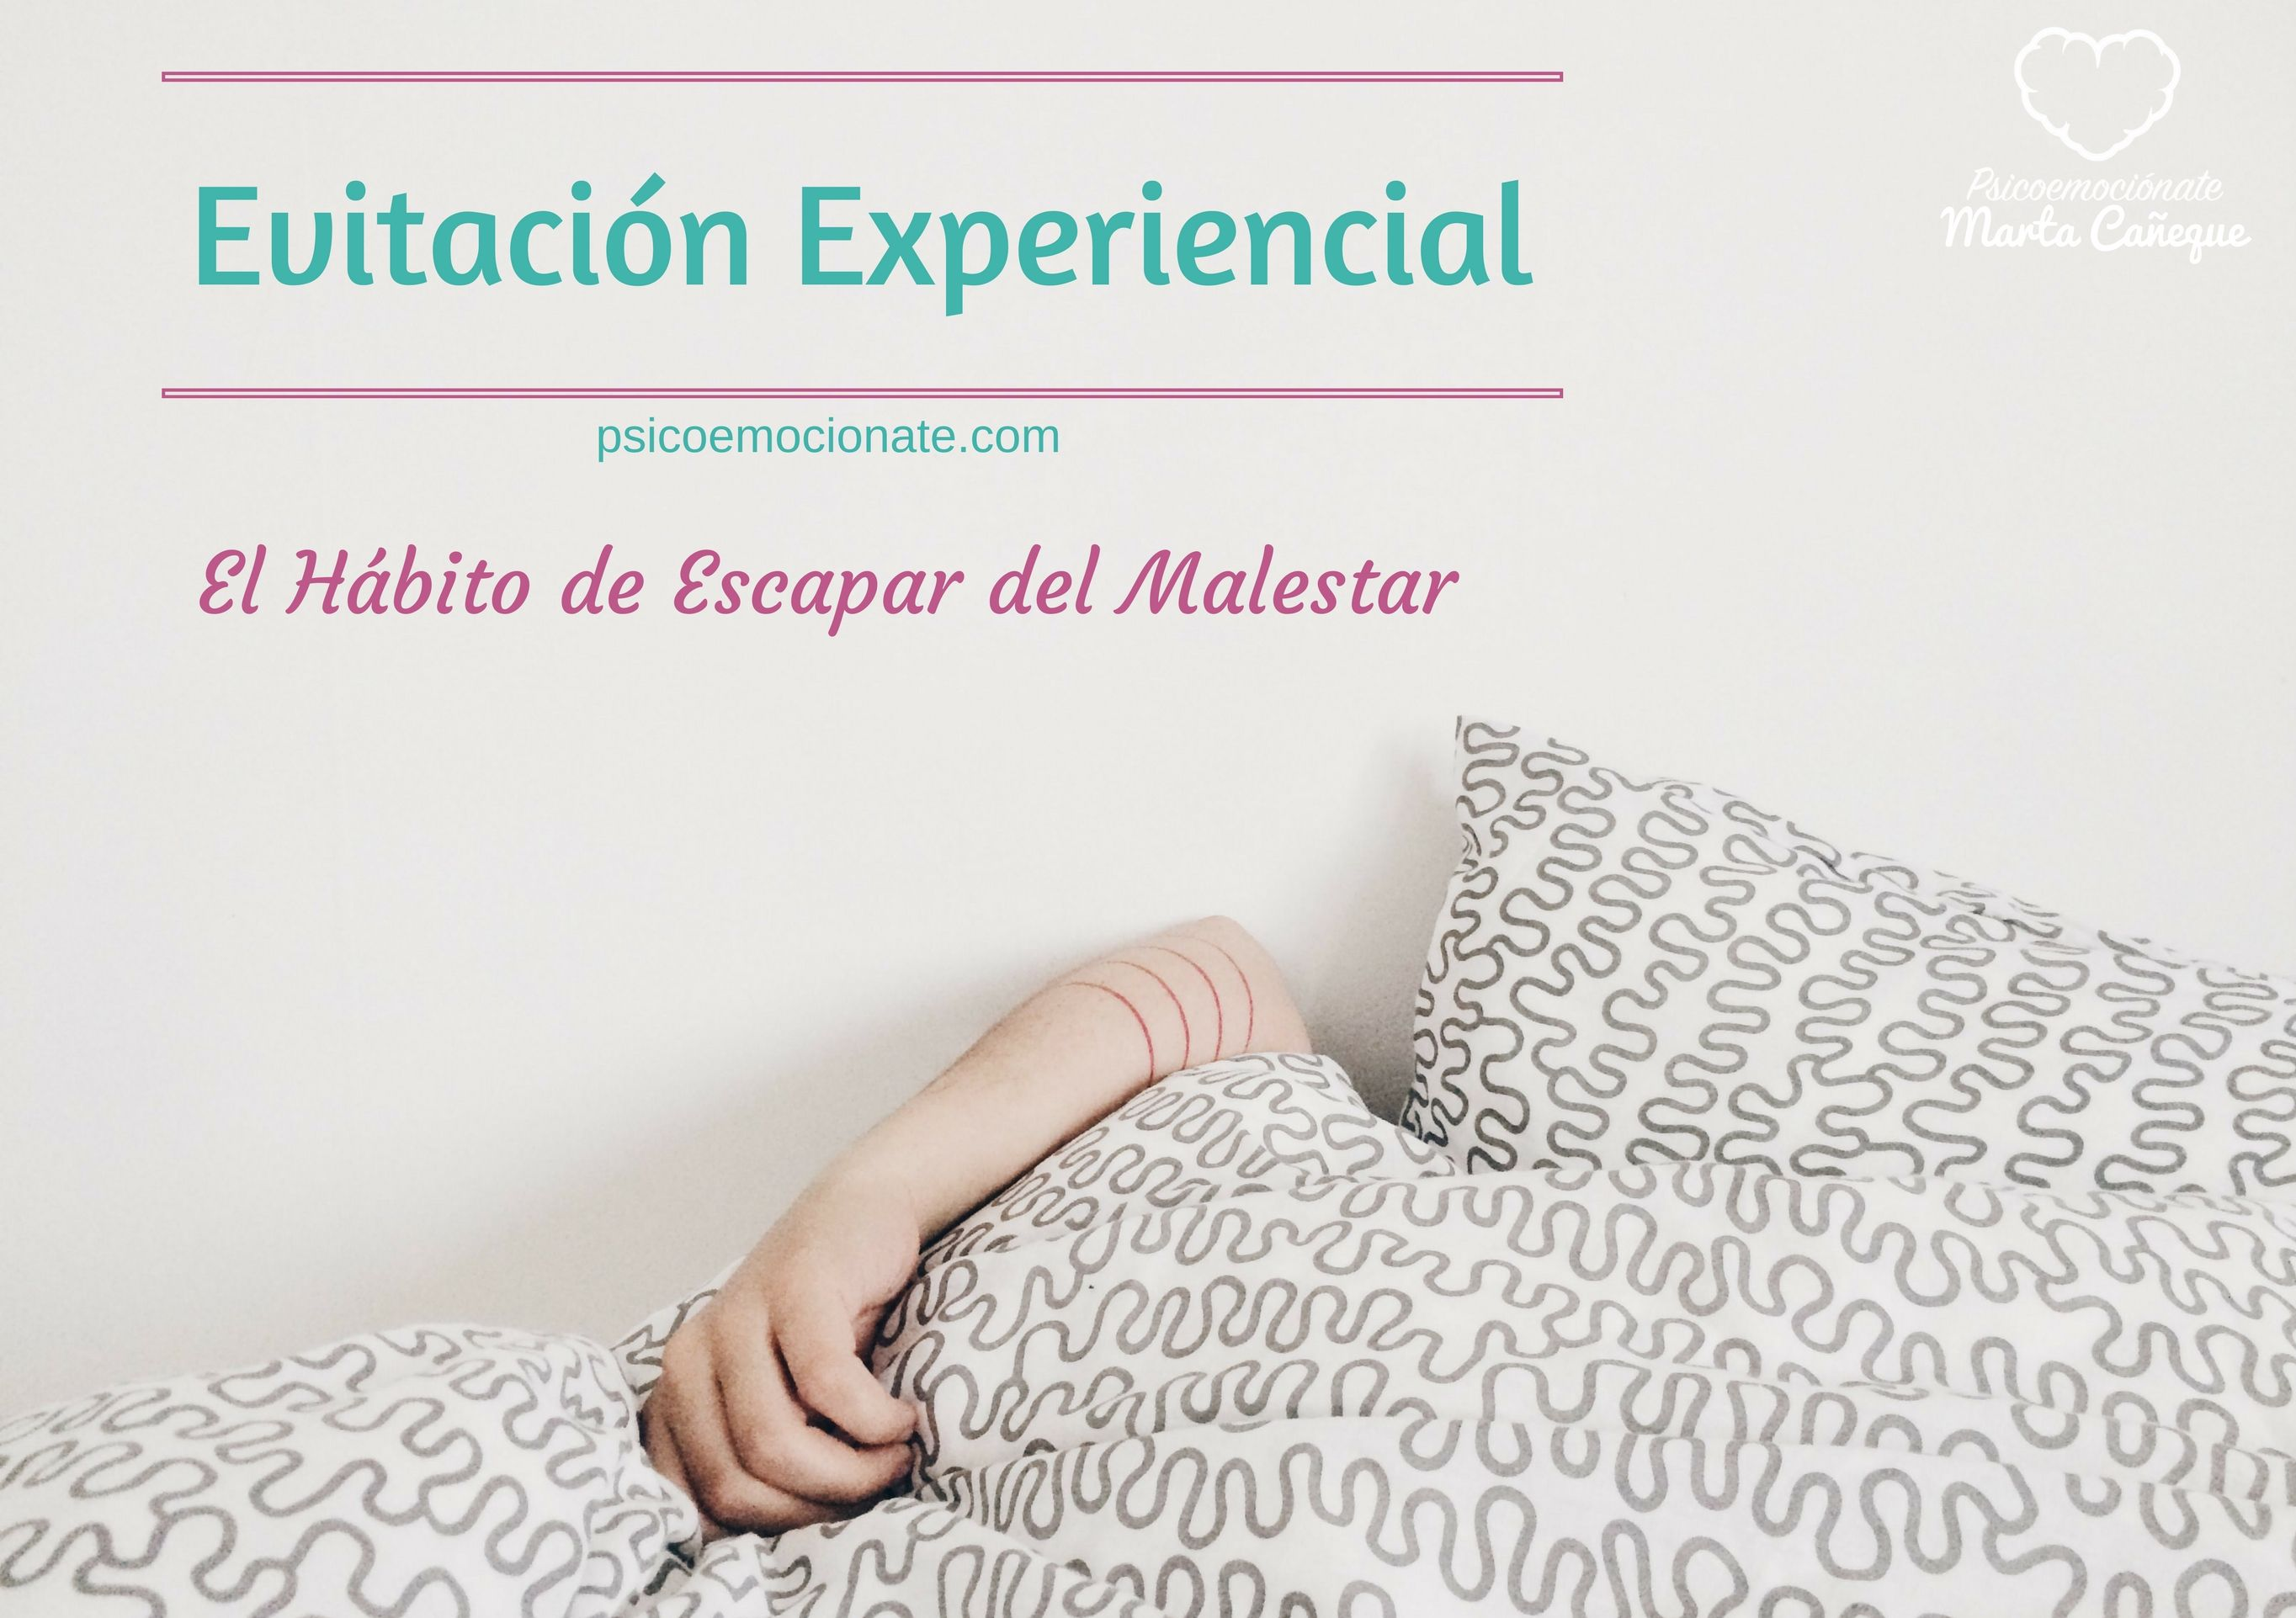 Evitación Experiencial Psicoemocionate